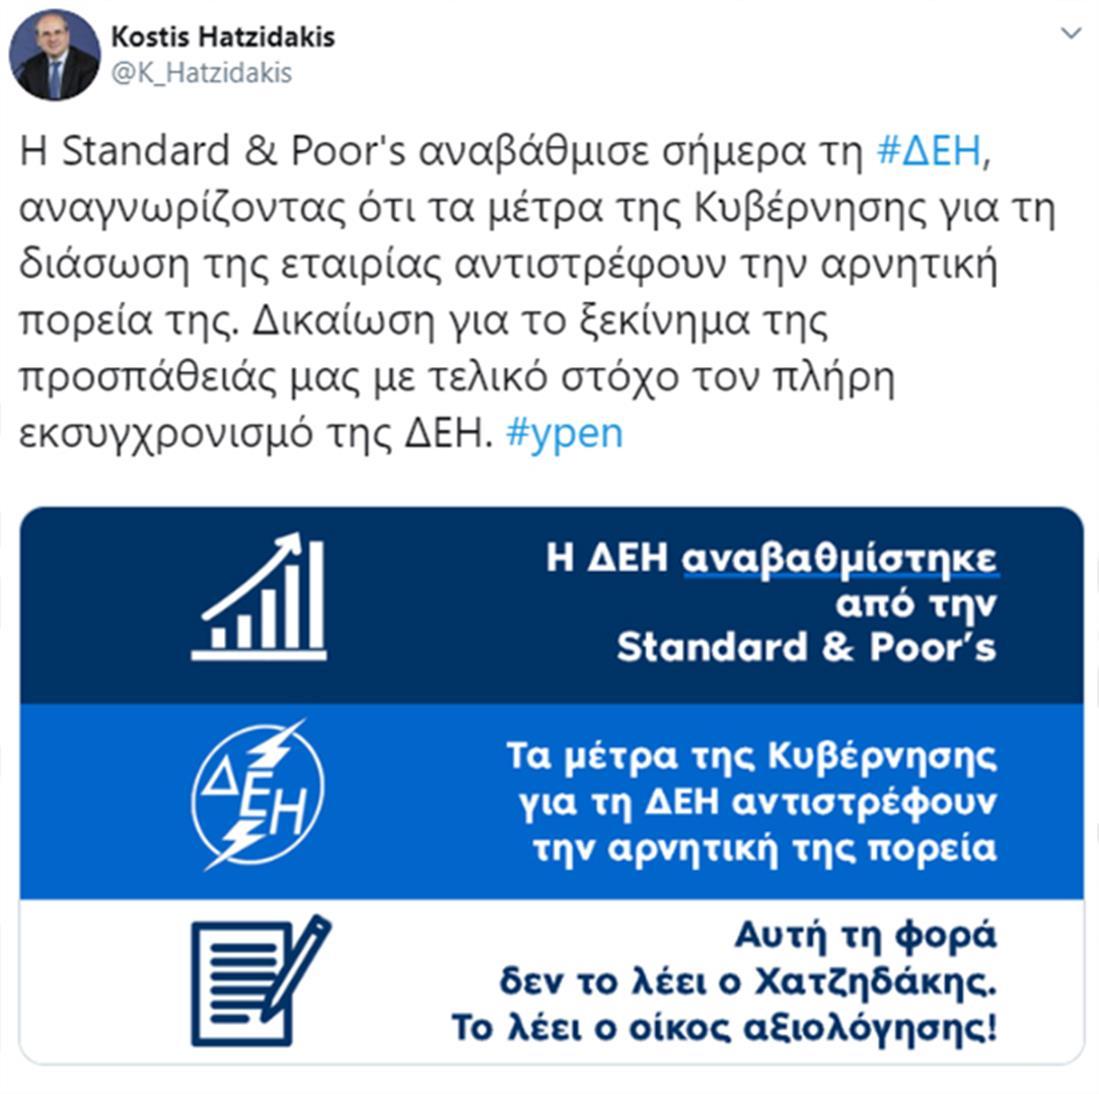 Κ. Χατζηδάκης - tweet - Standard & Poor - ΔΕΗ